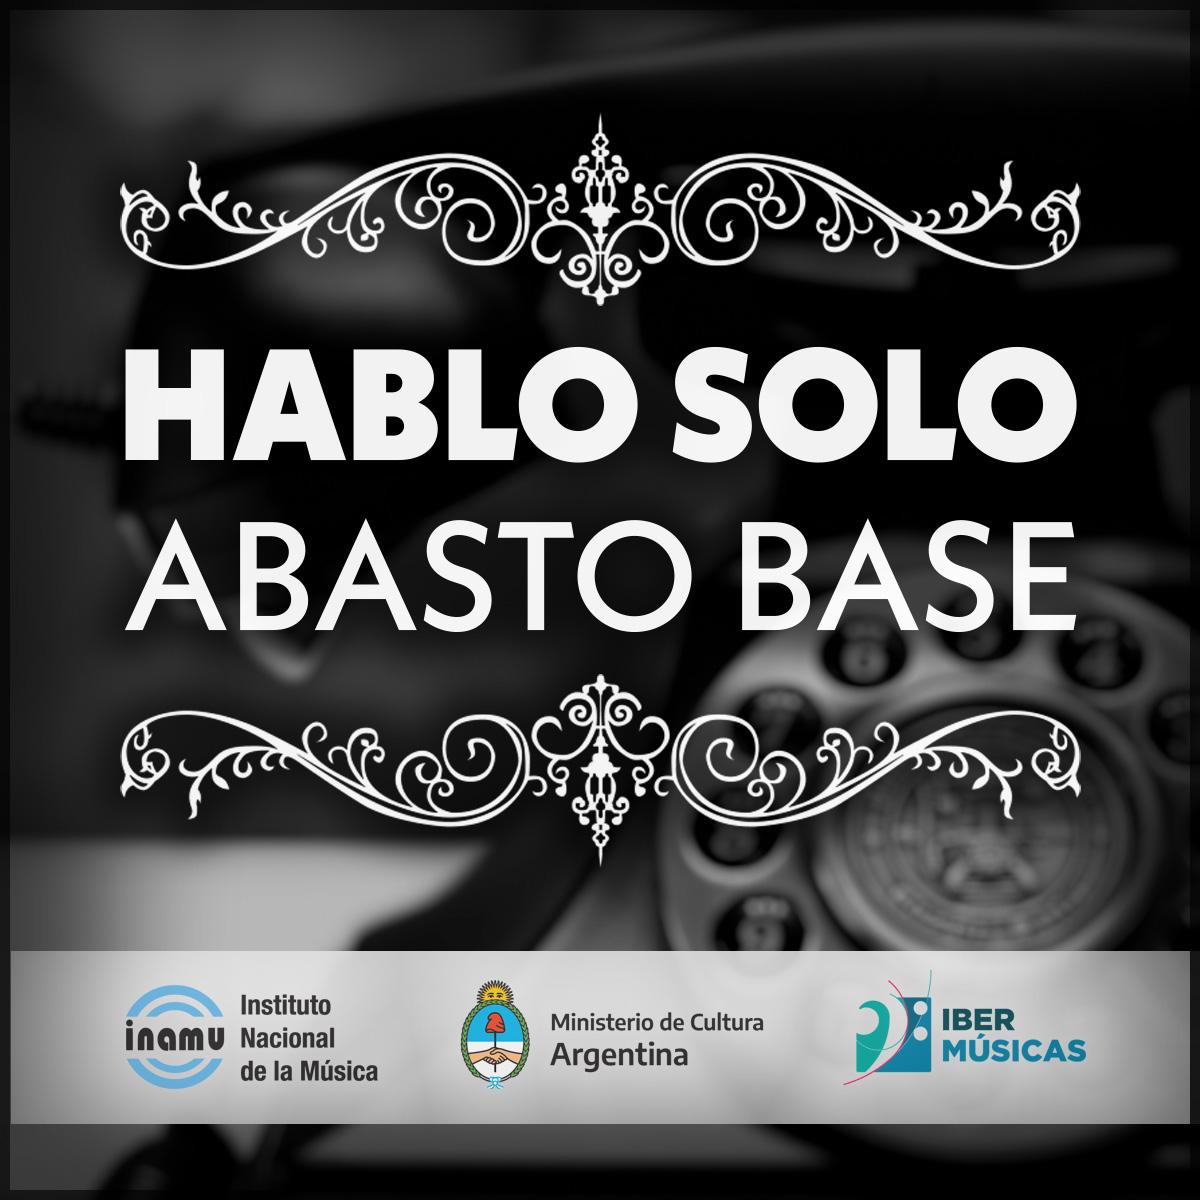 """Abasto Base lanza """"Hablo solo"""", el primer adelanto de su álbum debut"""